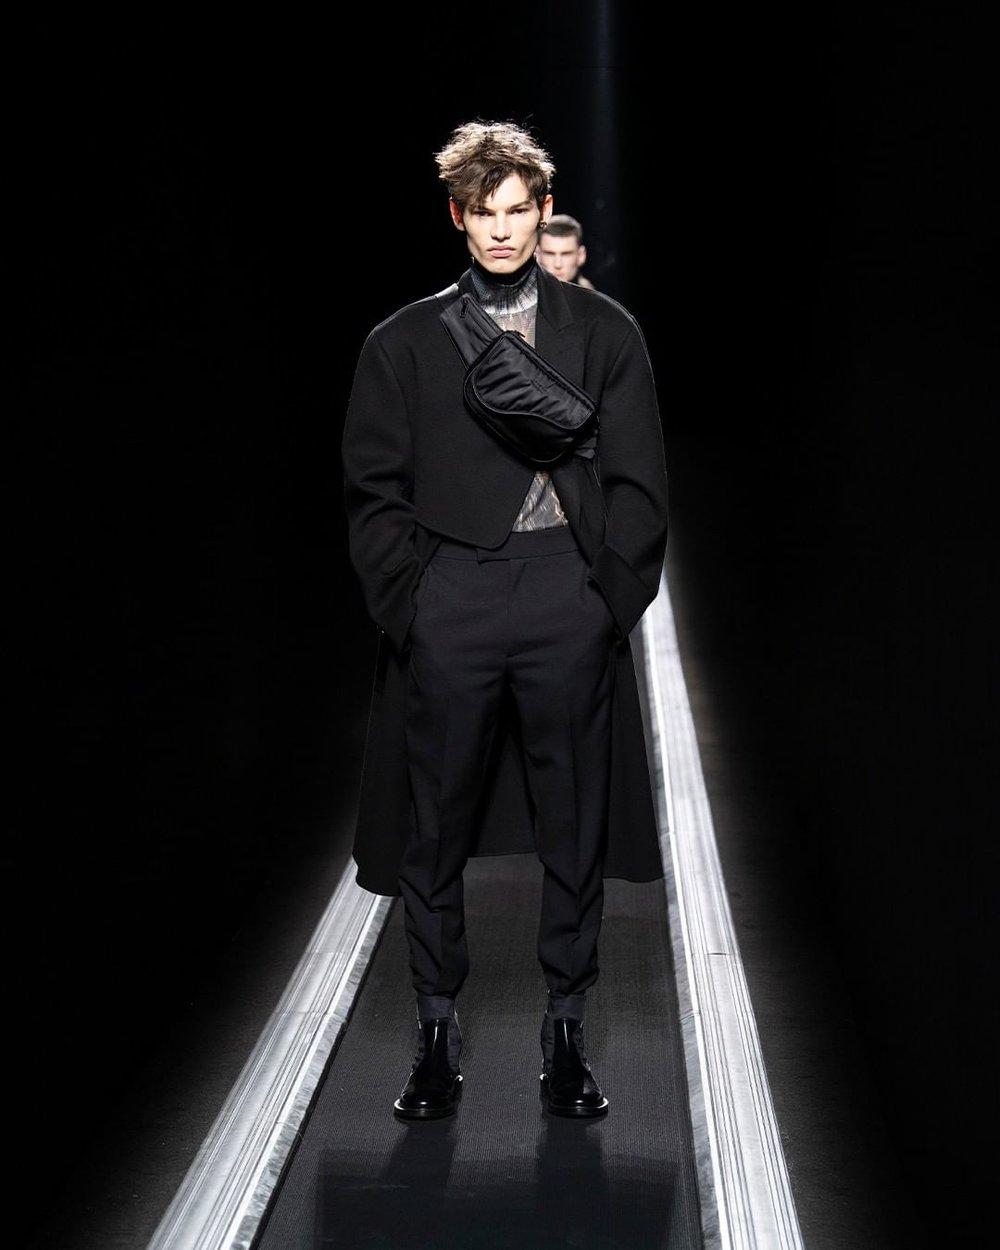 Dior HOMMES - Un catwalk (é)mouvant pour les hommes cette année. Coupes ultra modernes où l'architecture et le futurisme sont omniprésent. Mais aussi et surtout le côté urbain avec les mousquetons, bretelles et bananes pour y ranger tout nos chagrins.